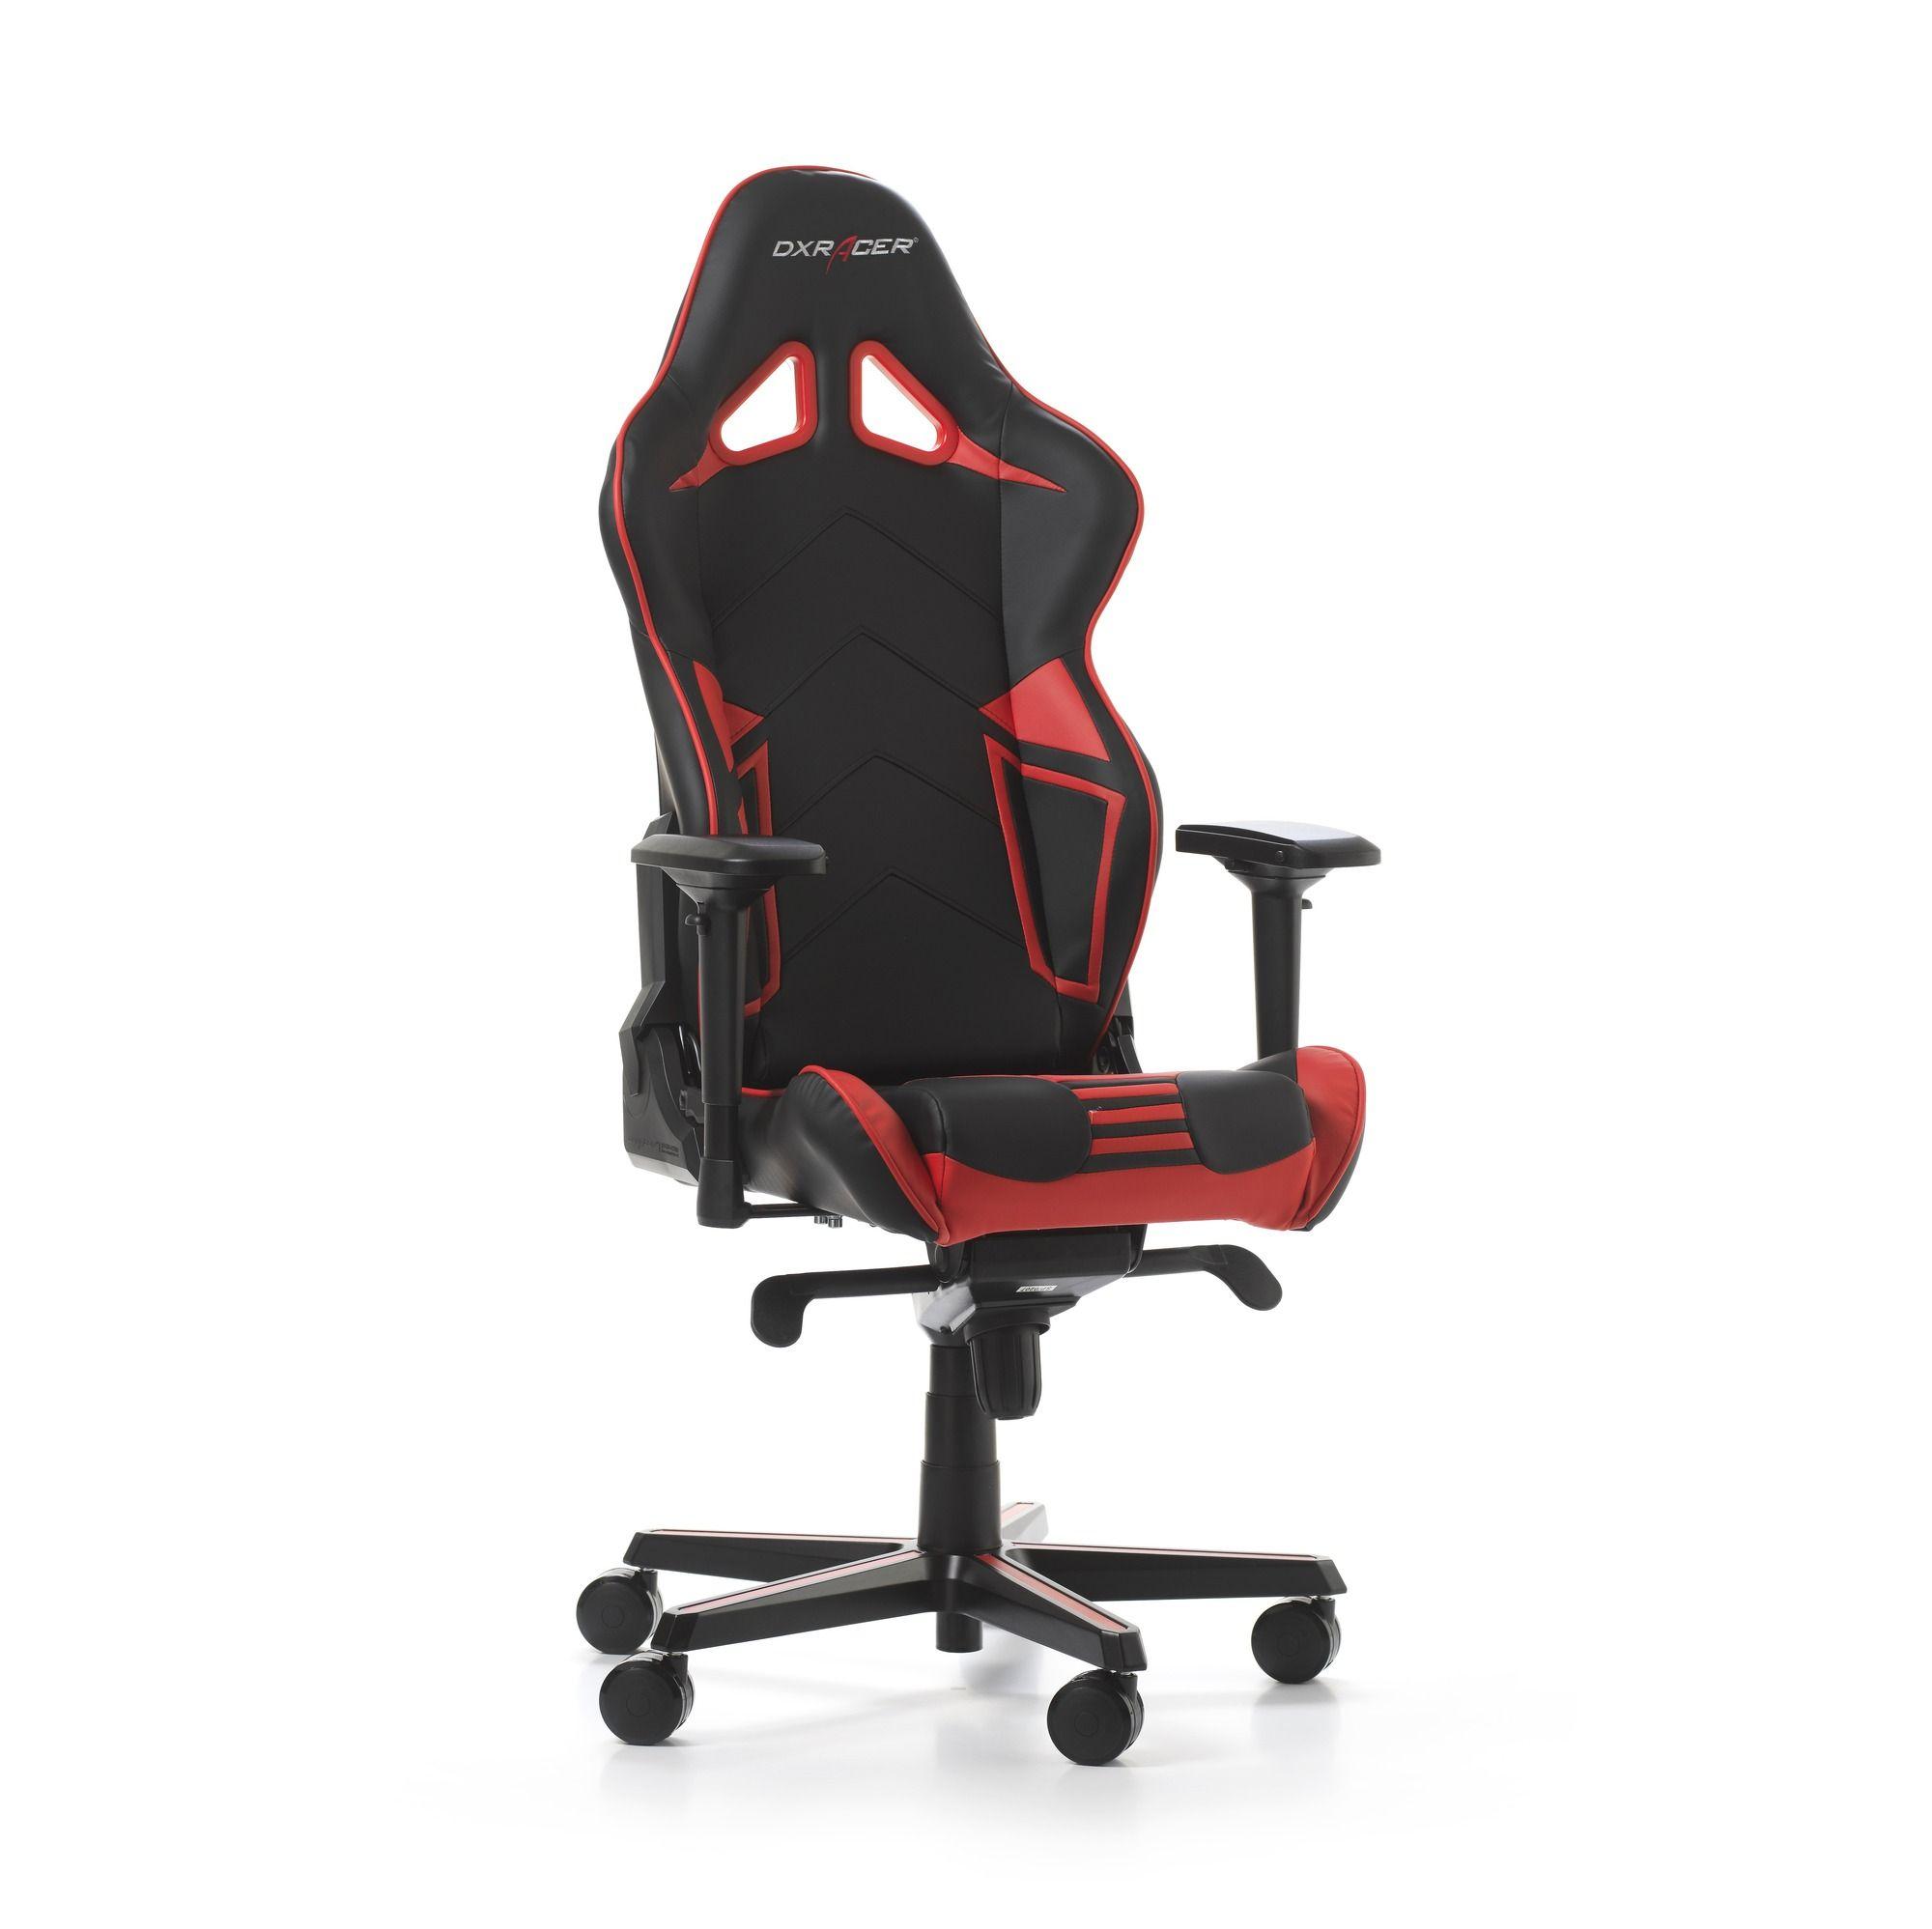 Гейминг стол DXRacer OH/RV131/NR - серия RACING V2, черен/червен - 8